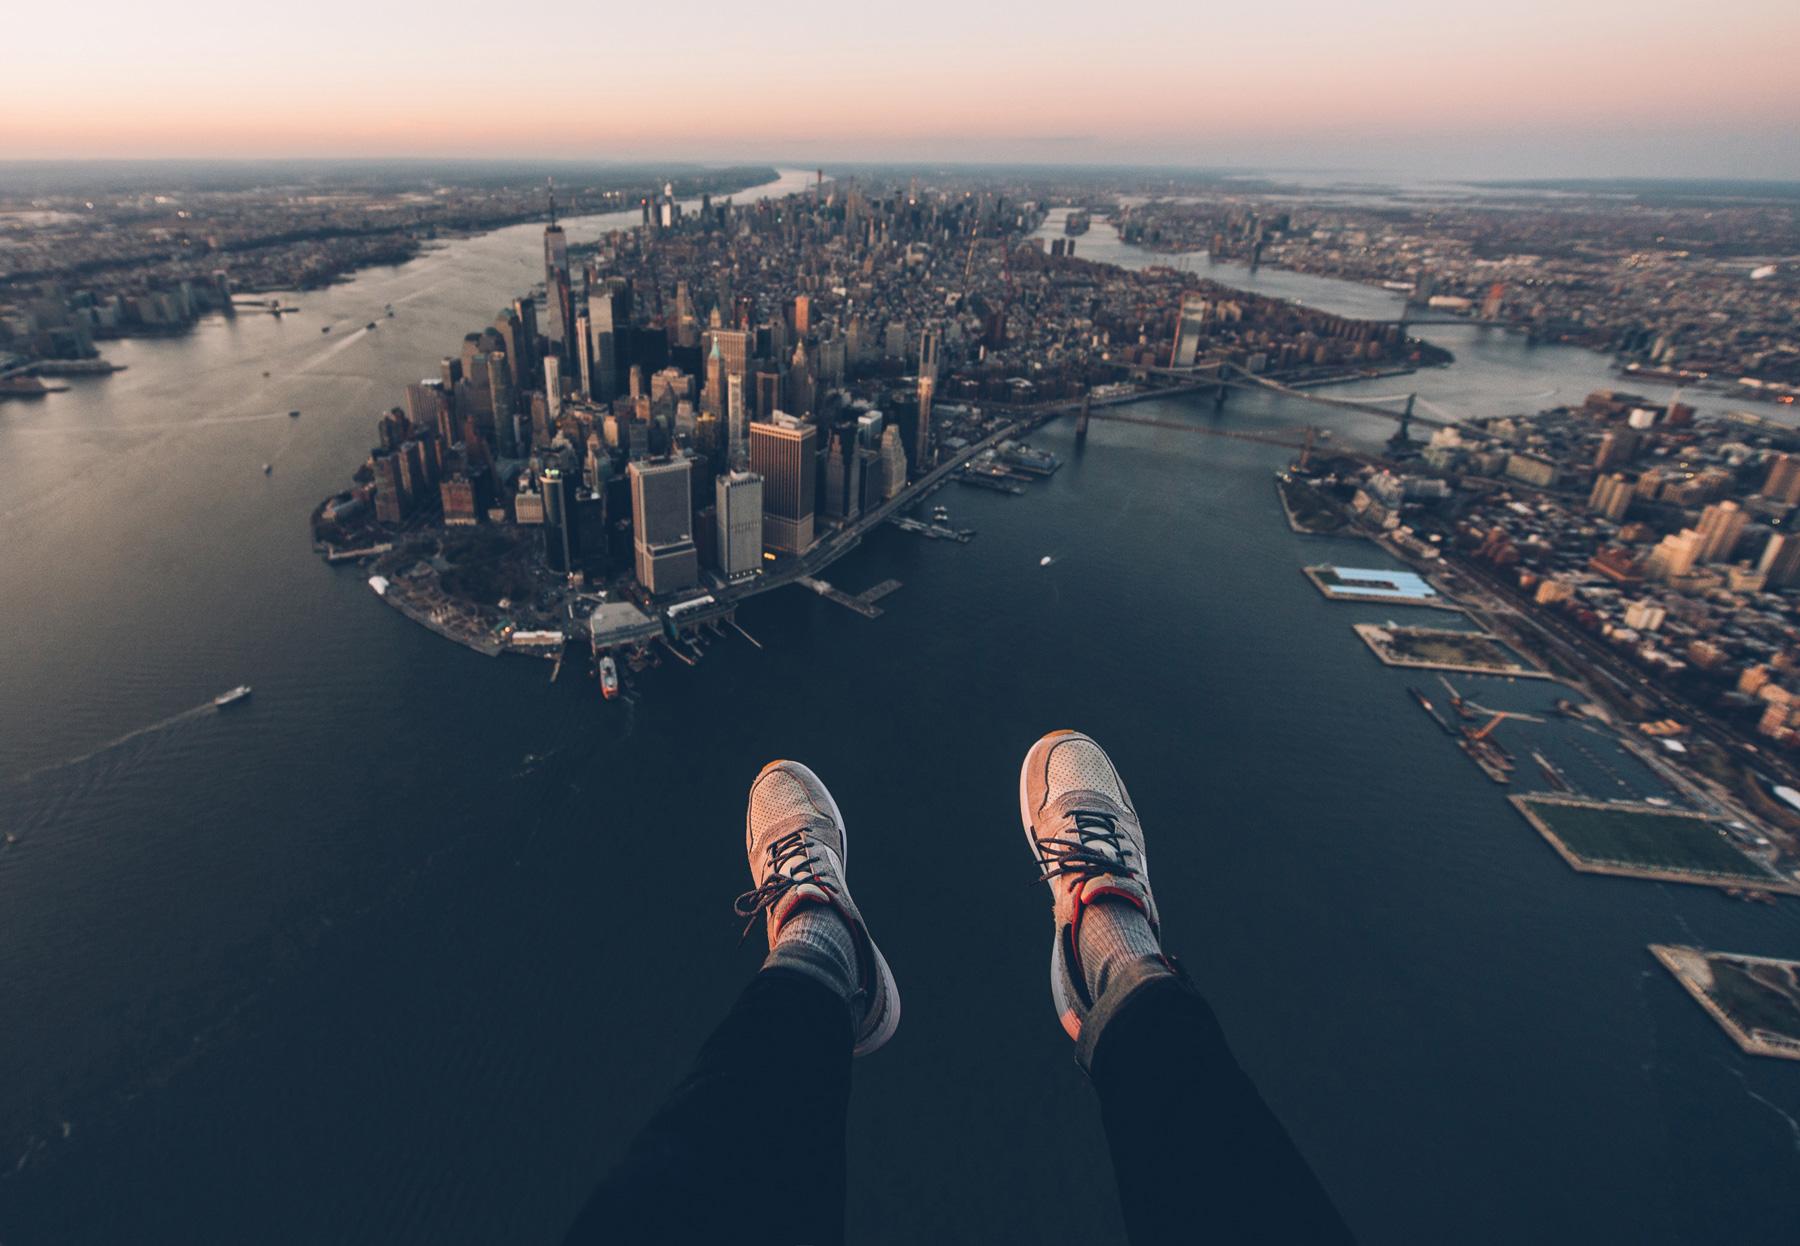 Vol en hélico à New York sans les portes les pieds dans le vide